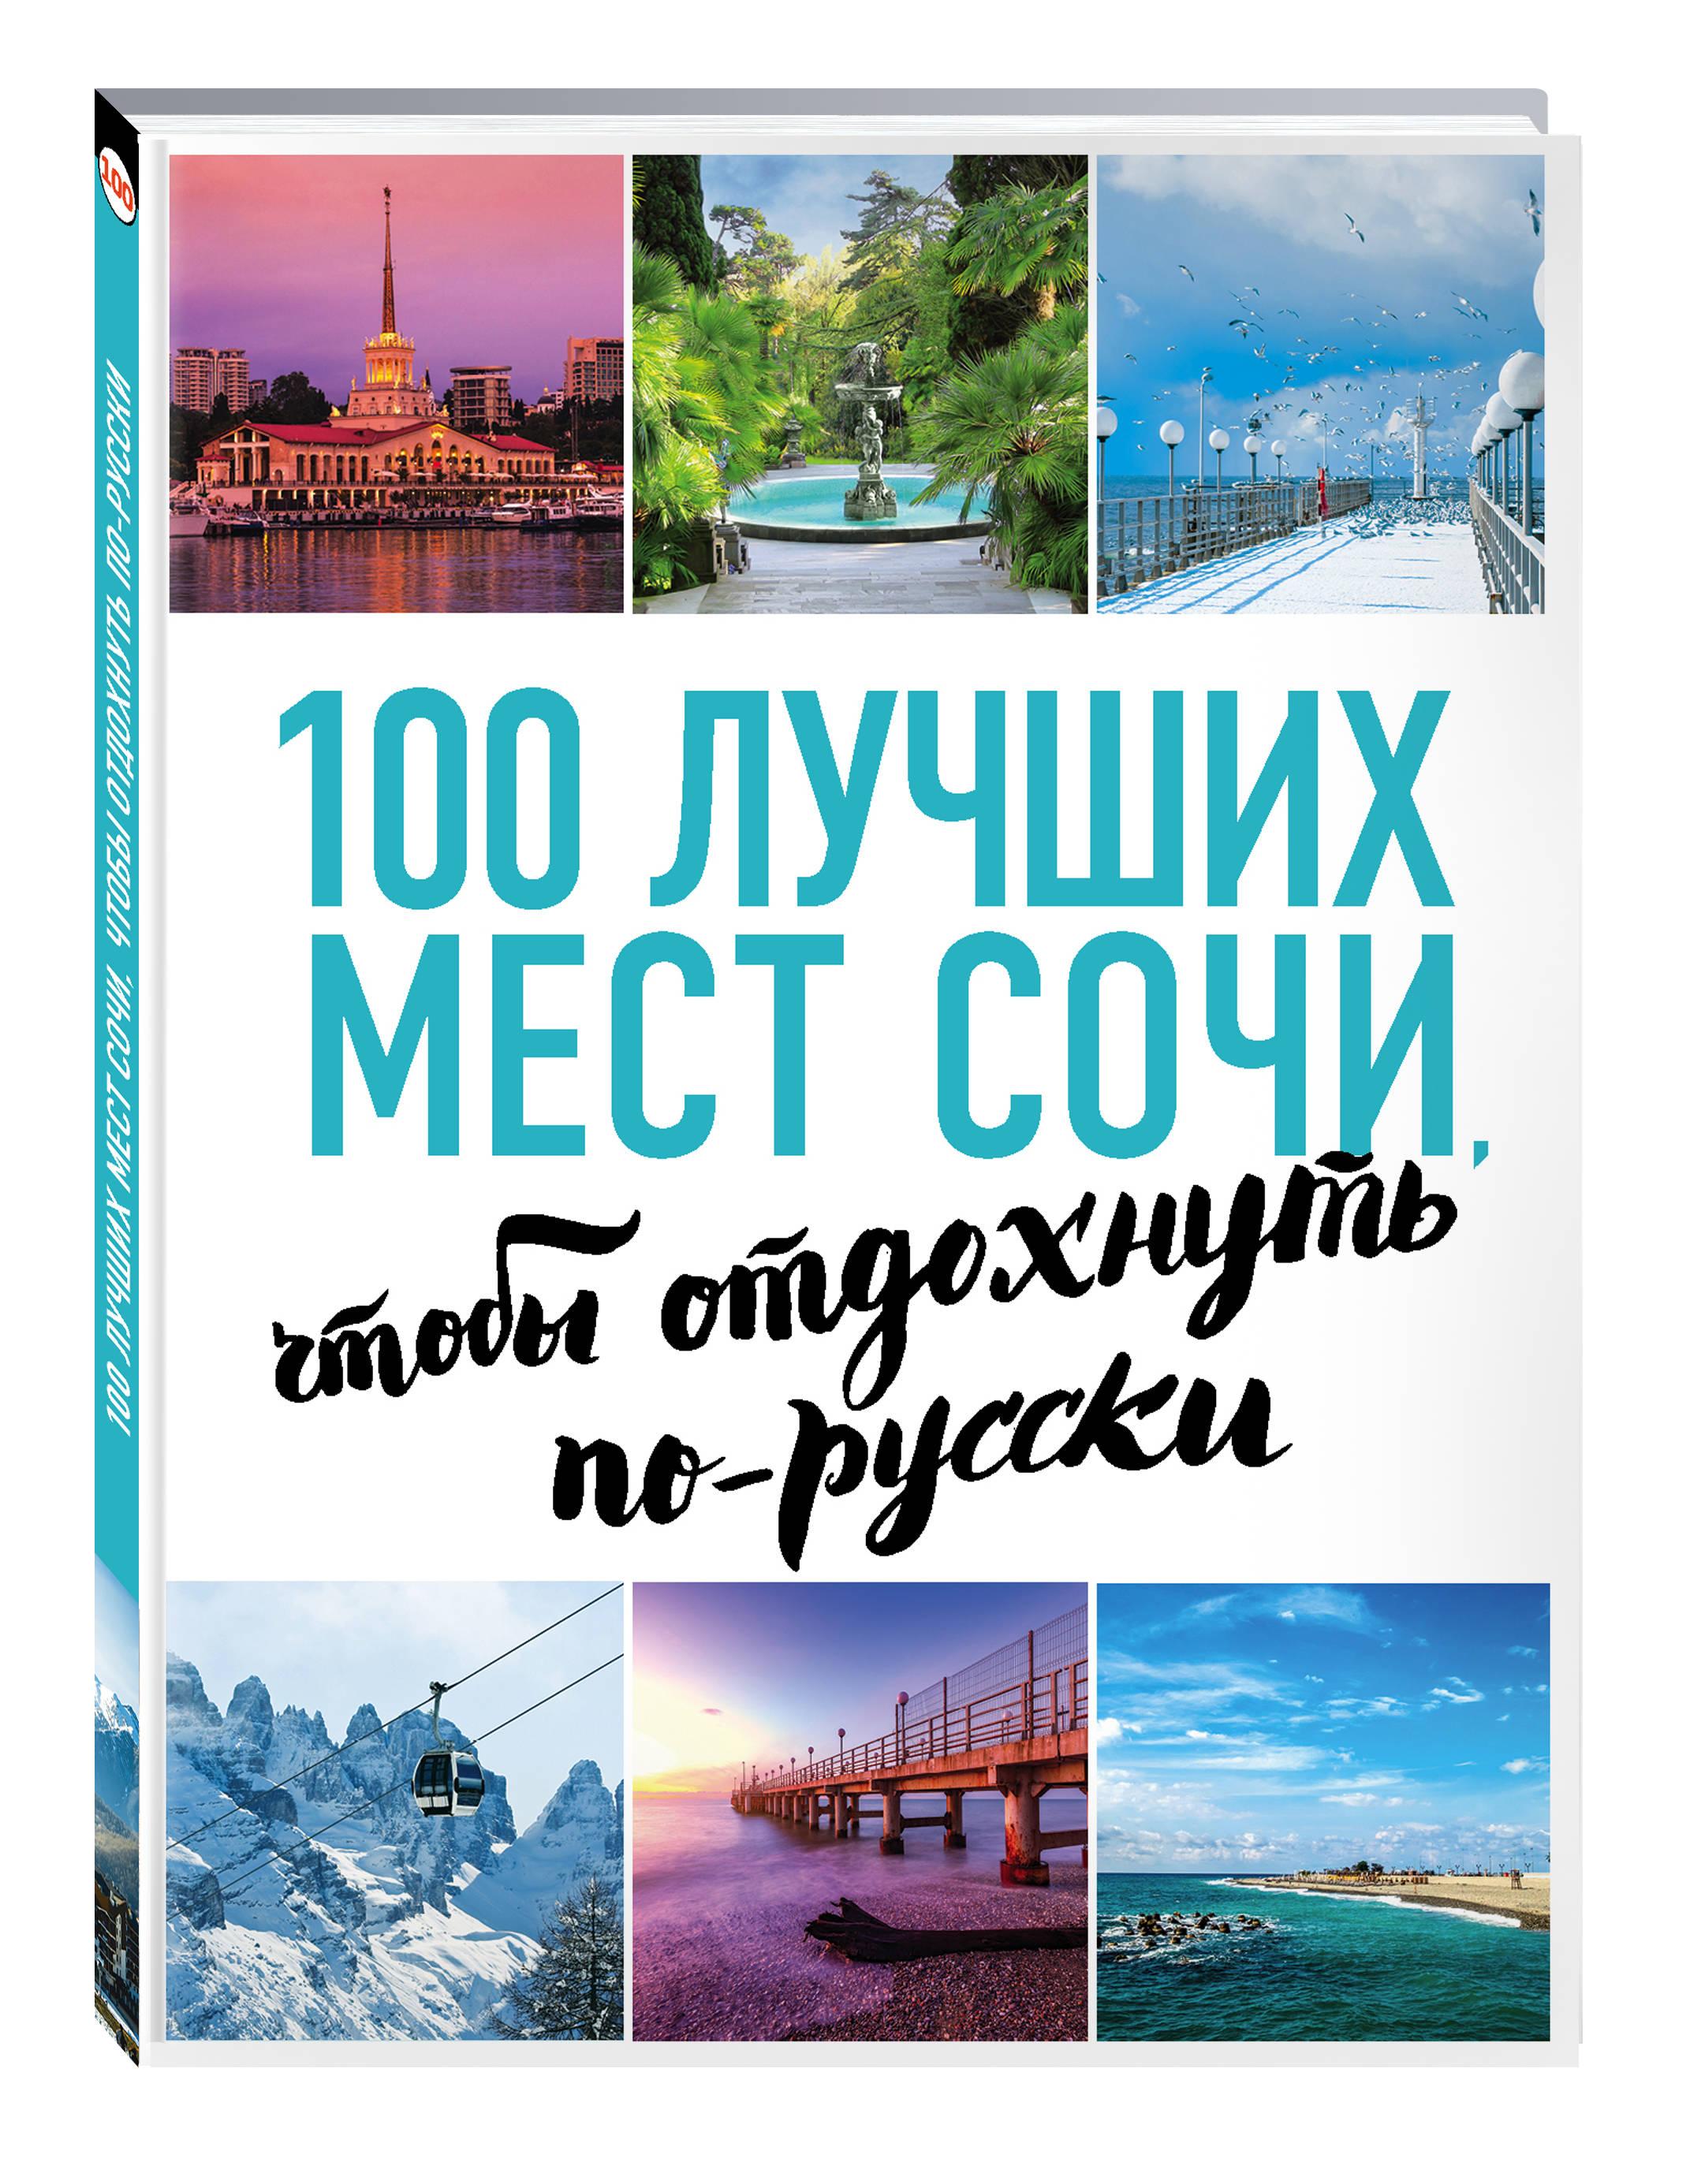 100 лучших мест Сочи, чтобы отдохнуть по-русски (нов. оф. серии) ( Виннер А.С.  )